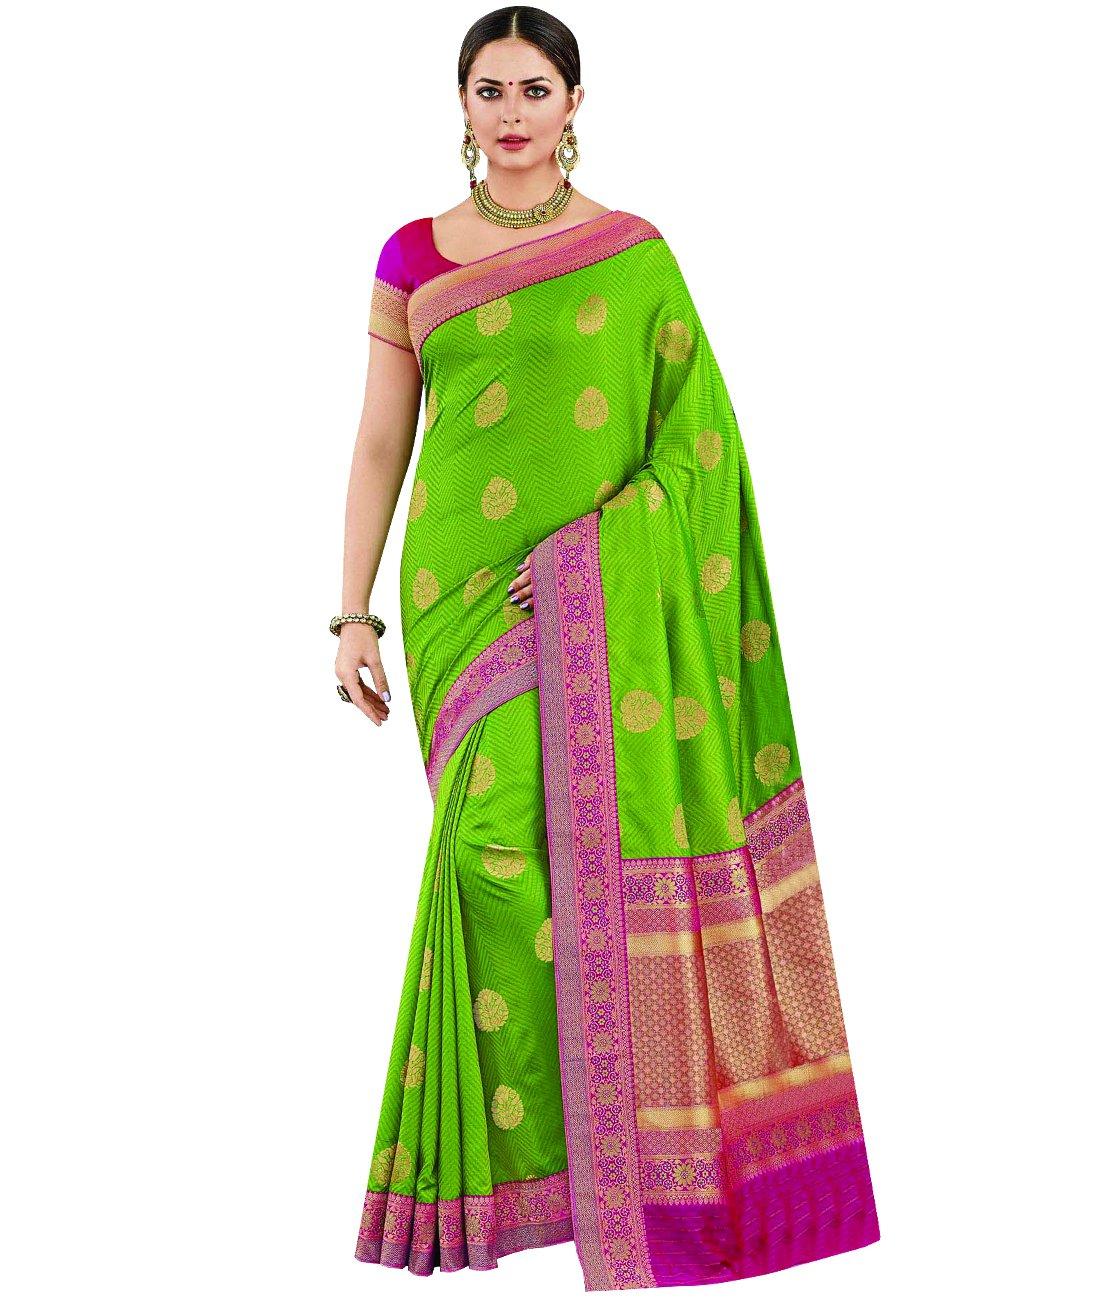 Indian Ethnic Art Silk Light Green Banarasi Saree